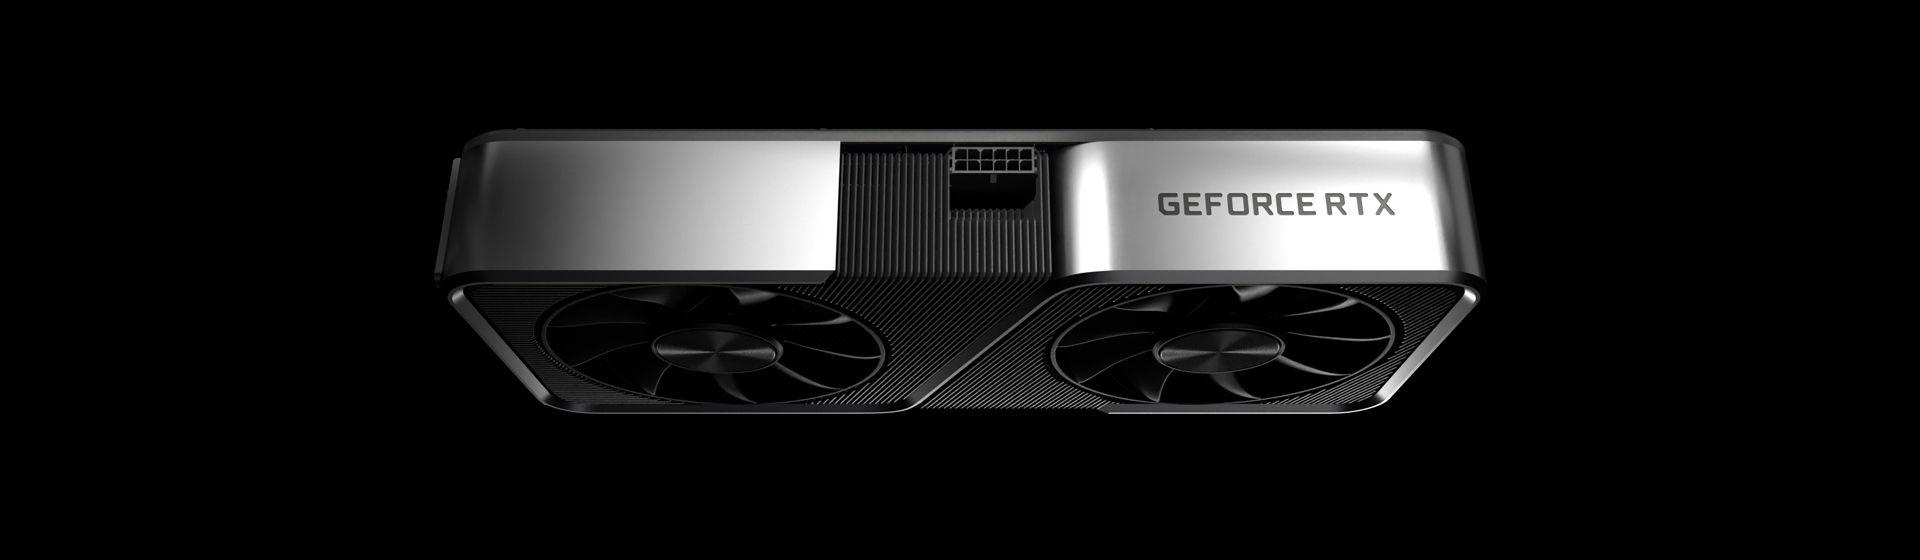 RTX 3090, 3080 e 3070: preço e lançamento das placas de vídeo NVIDIA